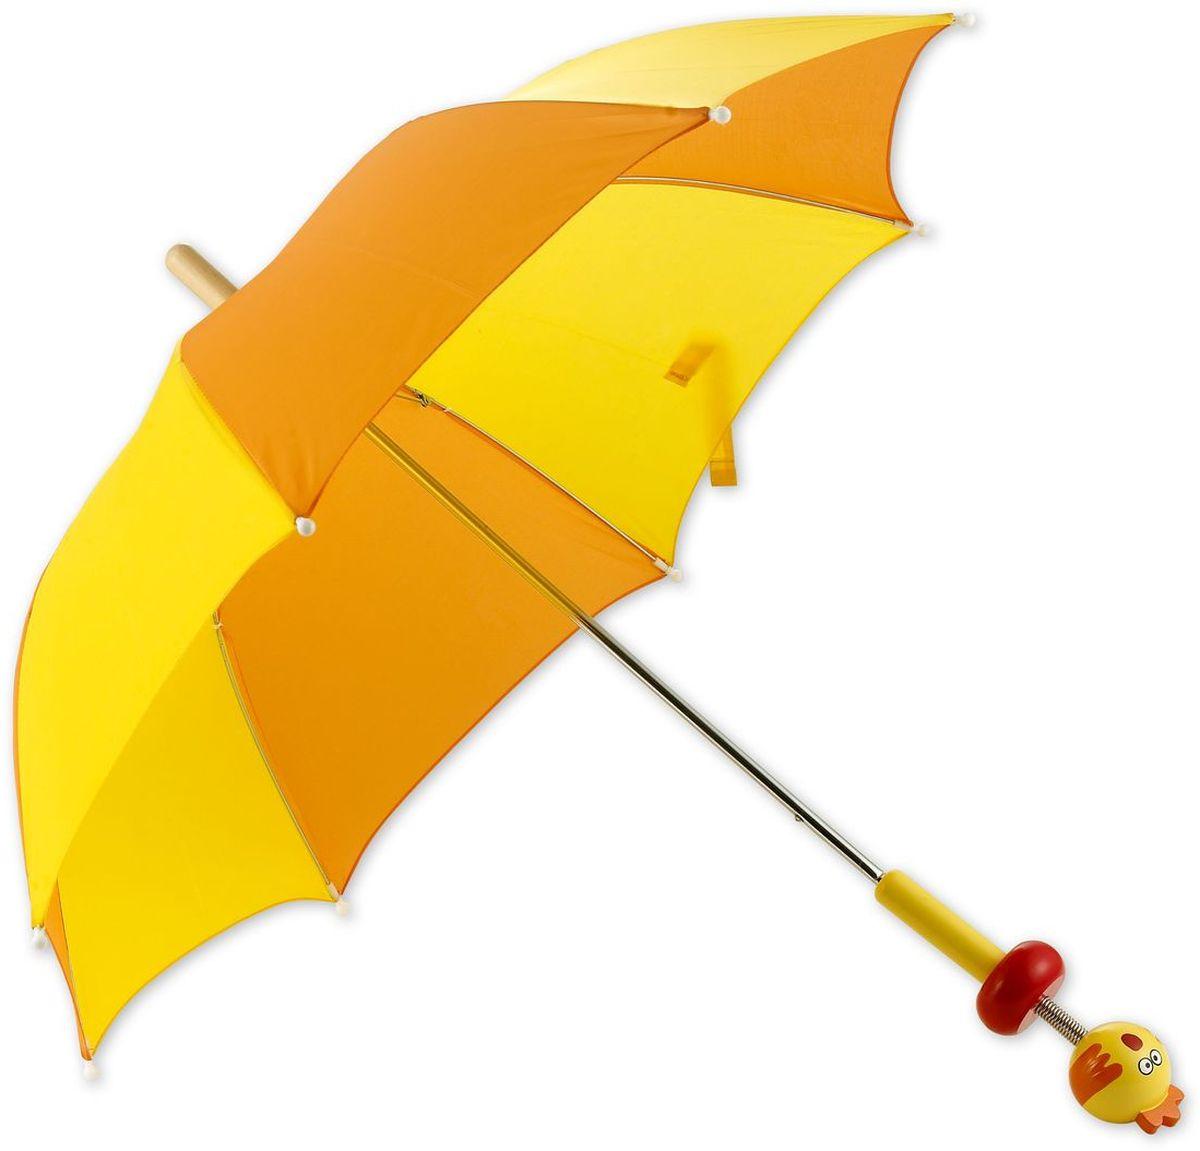 Classic World Зонт с ручкой ЦыпленокСерьги с подвескамиСовременный зонтик с жесткими спицами, которые препятствуют его деформации под действием ветра. Защищает от солнечных лучей и осадков. Благодаря оригинальному и яркому дизайну ваш малыш всегда будет выглядеть стильно. Удобная рукоятка выполнена в виде цыпленка. Размеры зонтика идеально подходят для детей от 2 лет.